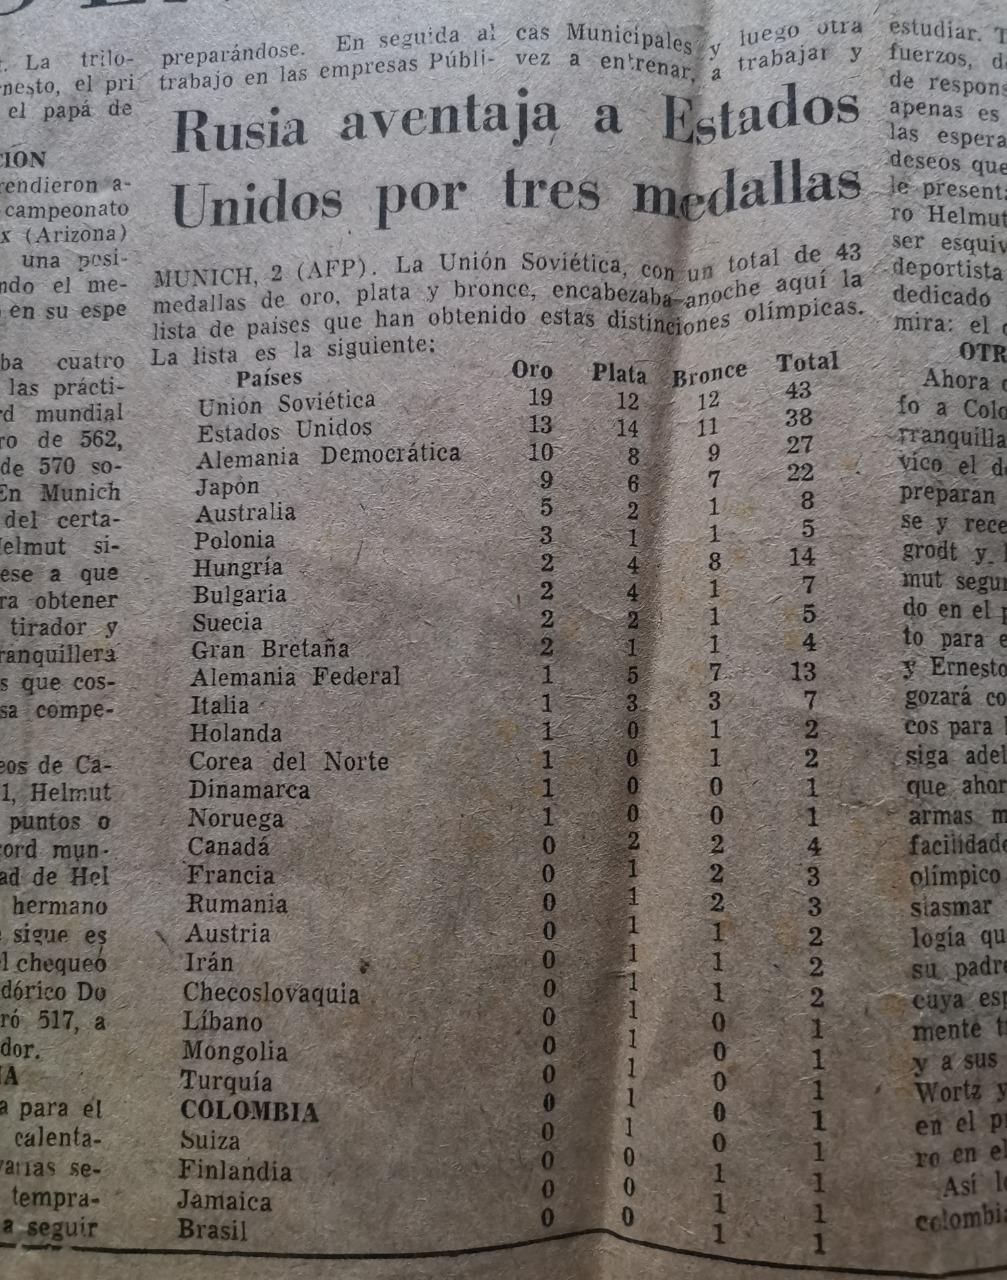 Periódico El Colombiano, 2 de septiembre de 1972.